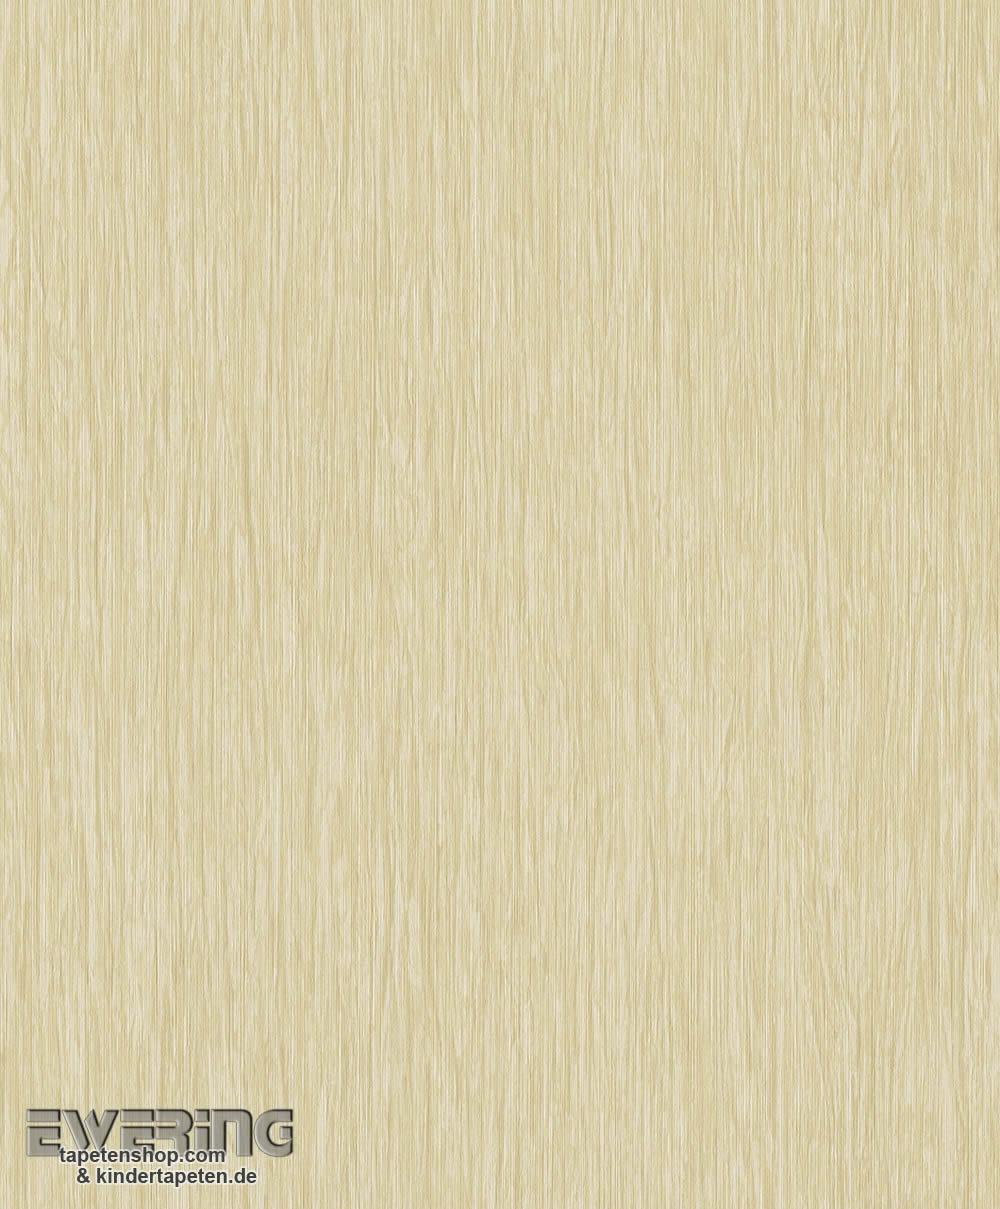 non woven wallpaper wood like look fine textured matt Wallpaper 1000x1209